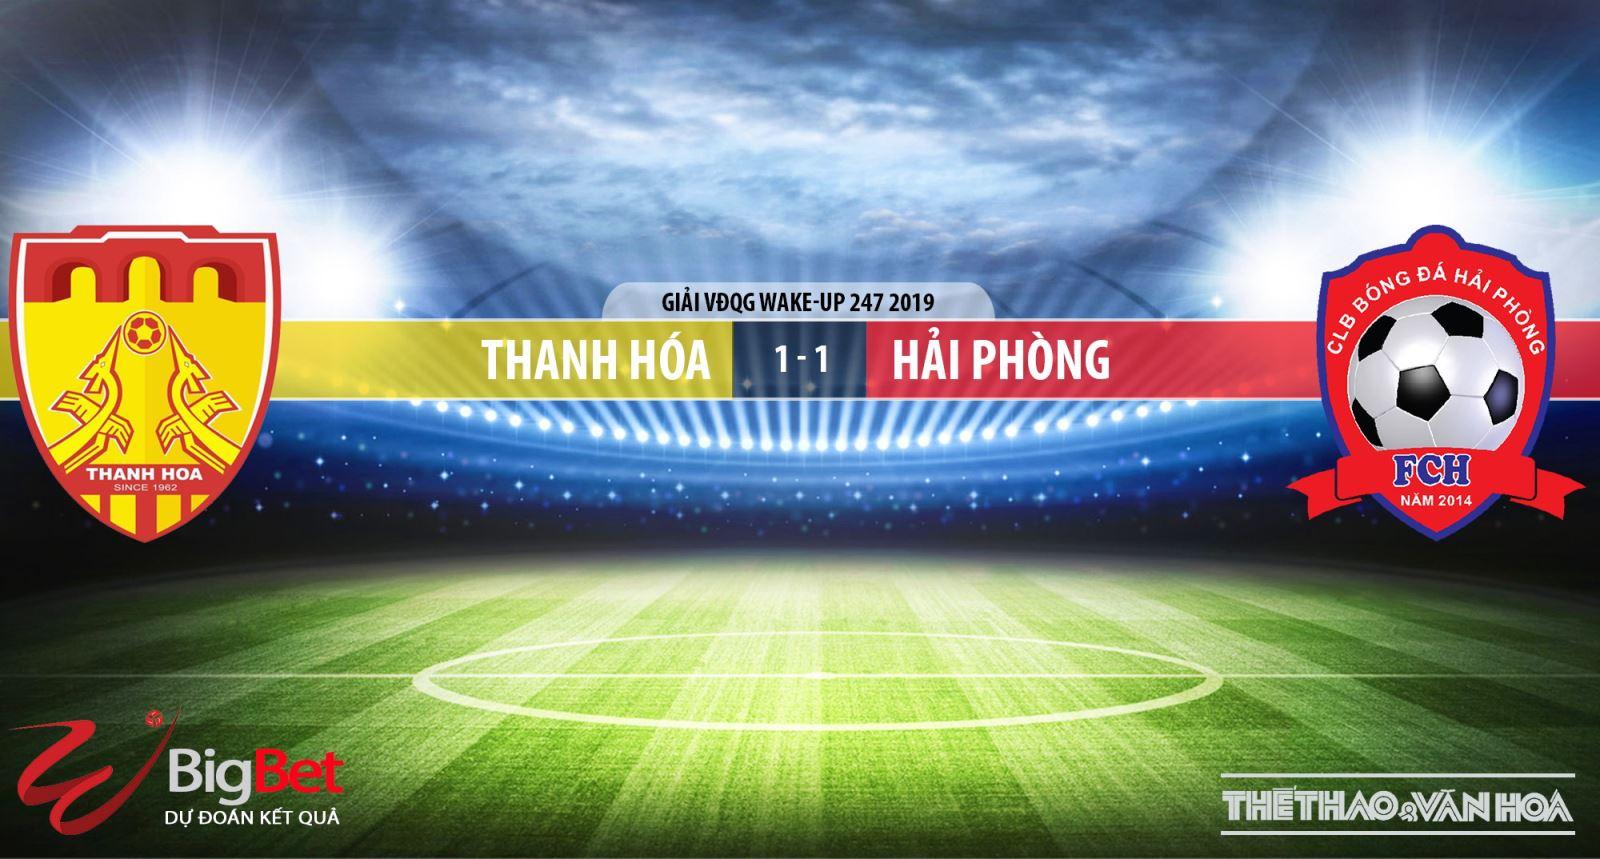 truc tiep bong da hôm nay, Thanh Hóa đấu với Hải Phòng, trực tiếp bóng đá, Thanh Hóa vs Hải Phòng, V League, Viettel, xem trực tuyến, VTV6, thể thao TV, BĐTV, FPT Play